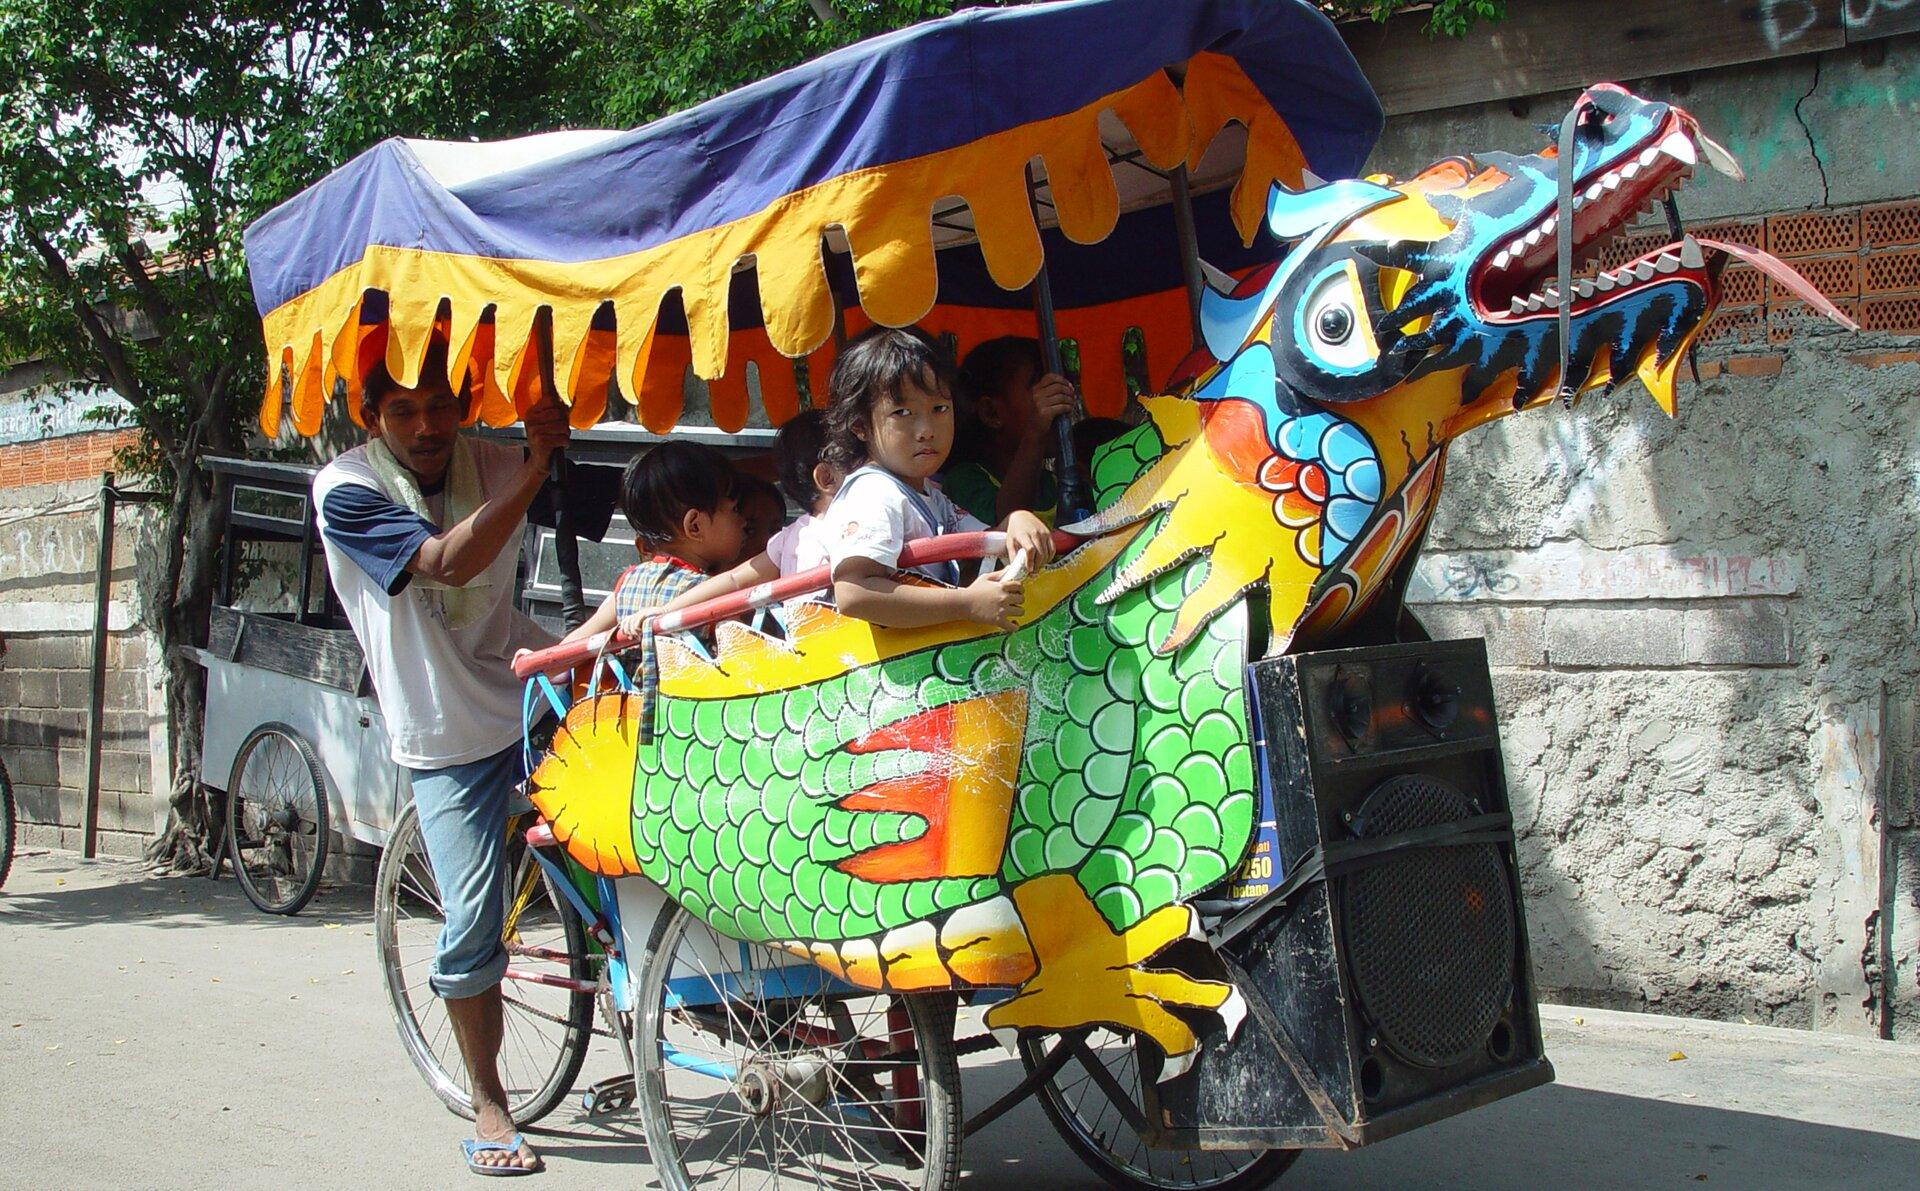 Indonezyjska riksza Indonezyjska riksza Źródło: Jonathan McIntosh, 2004, licencja: CC BY 2.0.